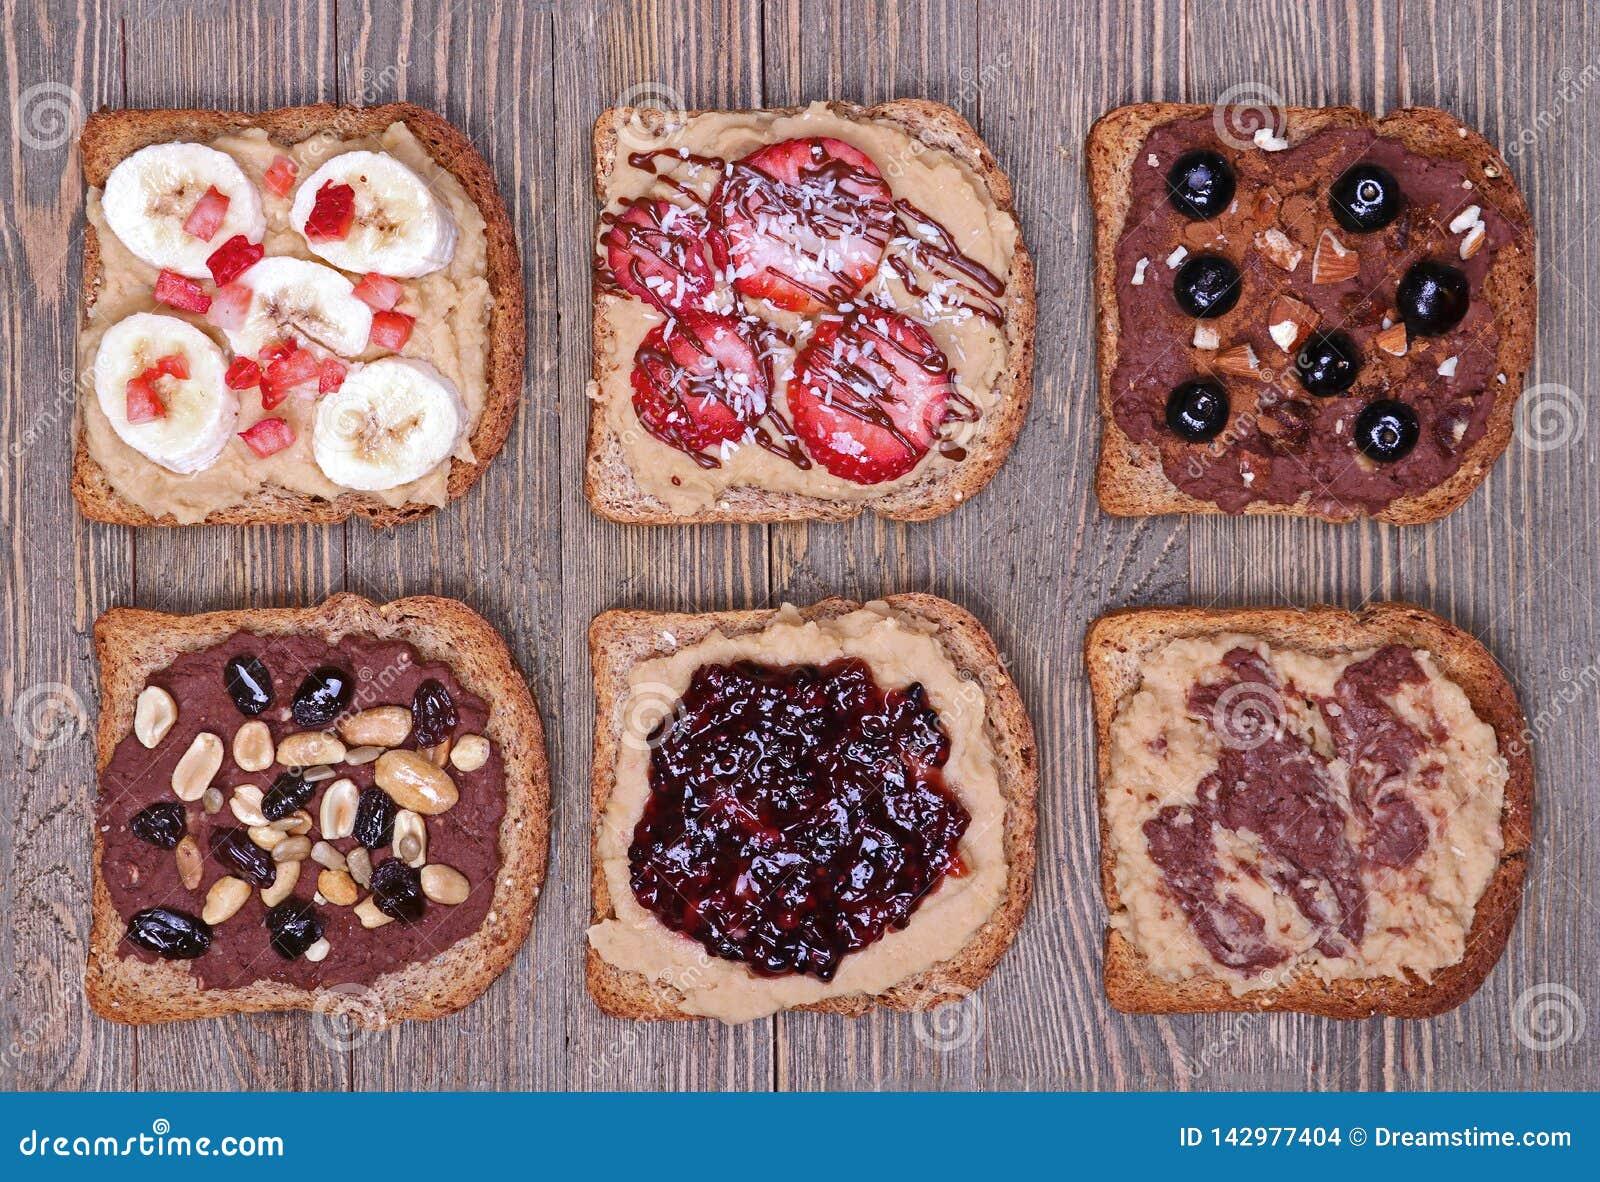 Zdrowi desery na całej zbożowej grzance